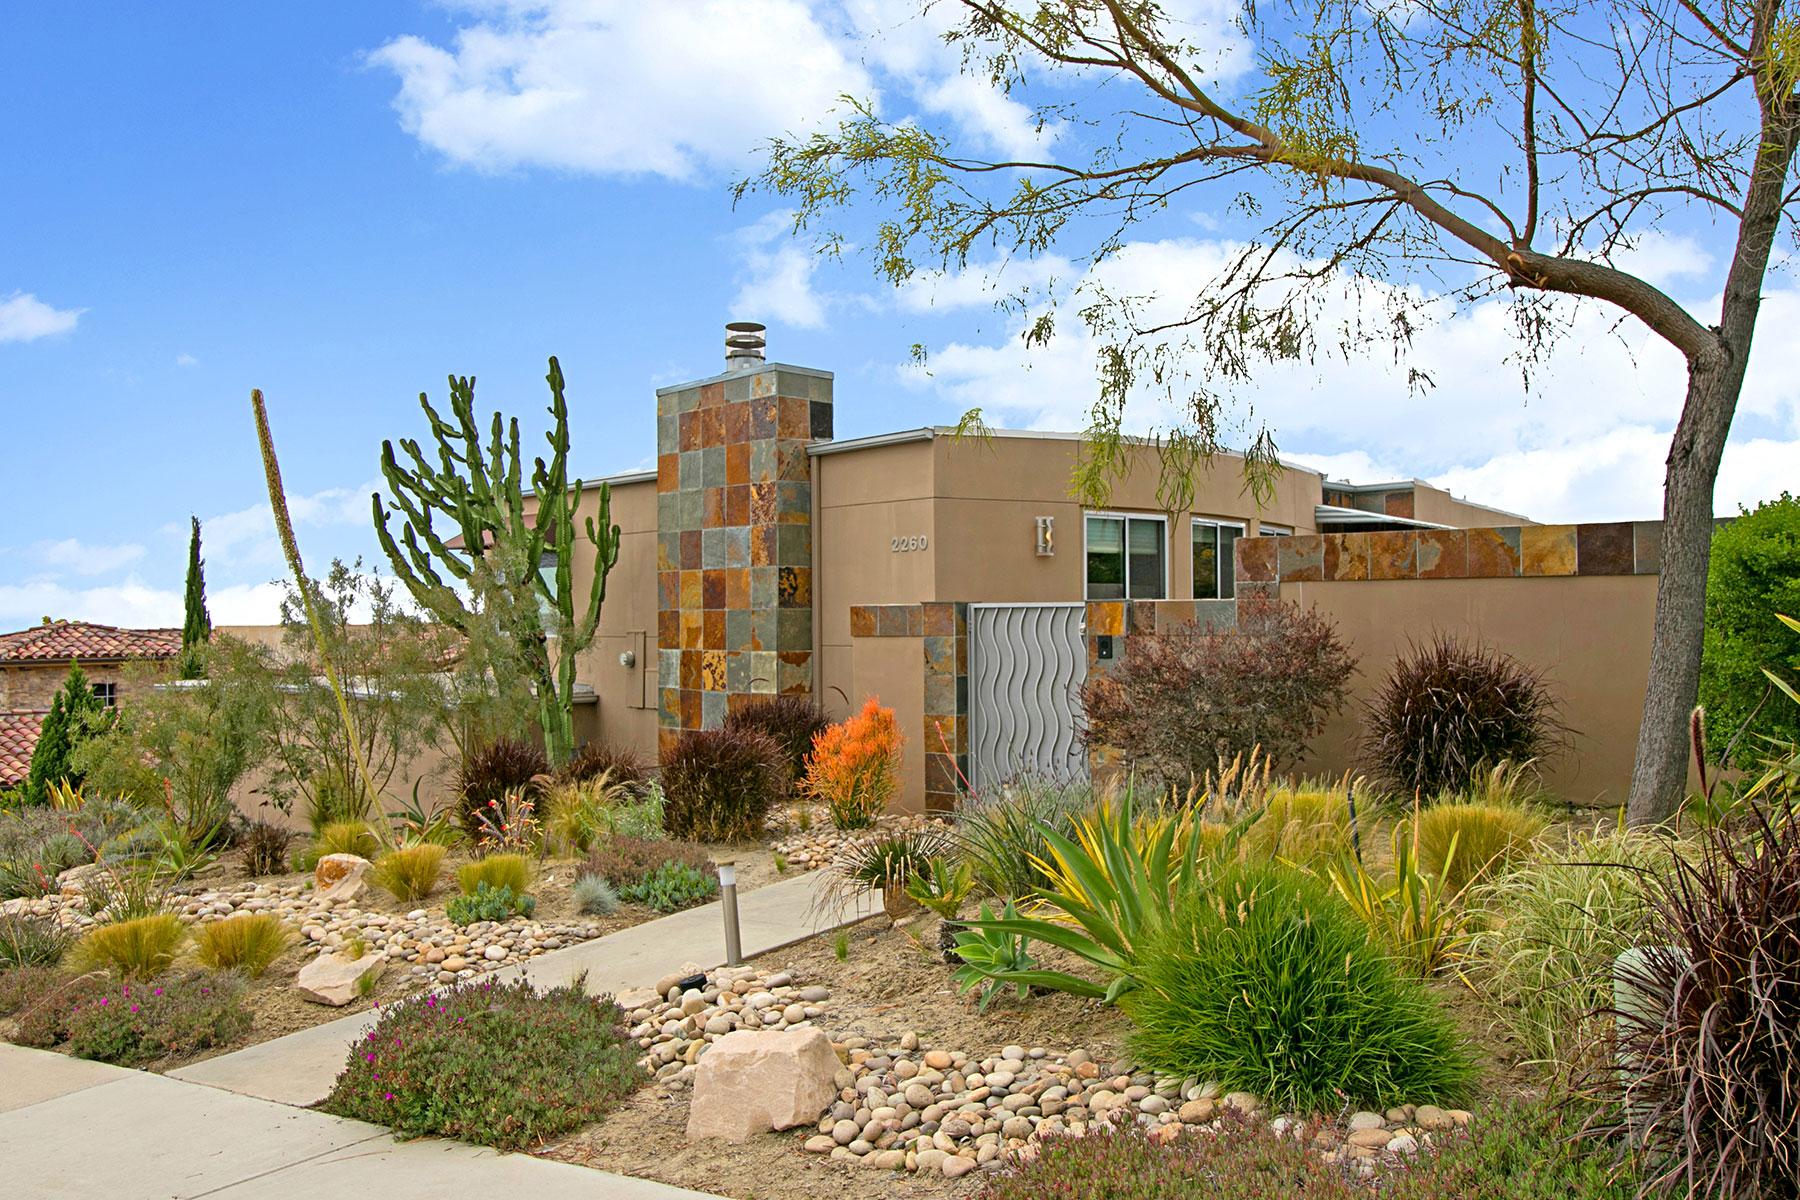 獨棟家庭住宅 為 出售 在 2260 Park Avenue Laguna Beach, 加利福尼亞州, 92651 美國